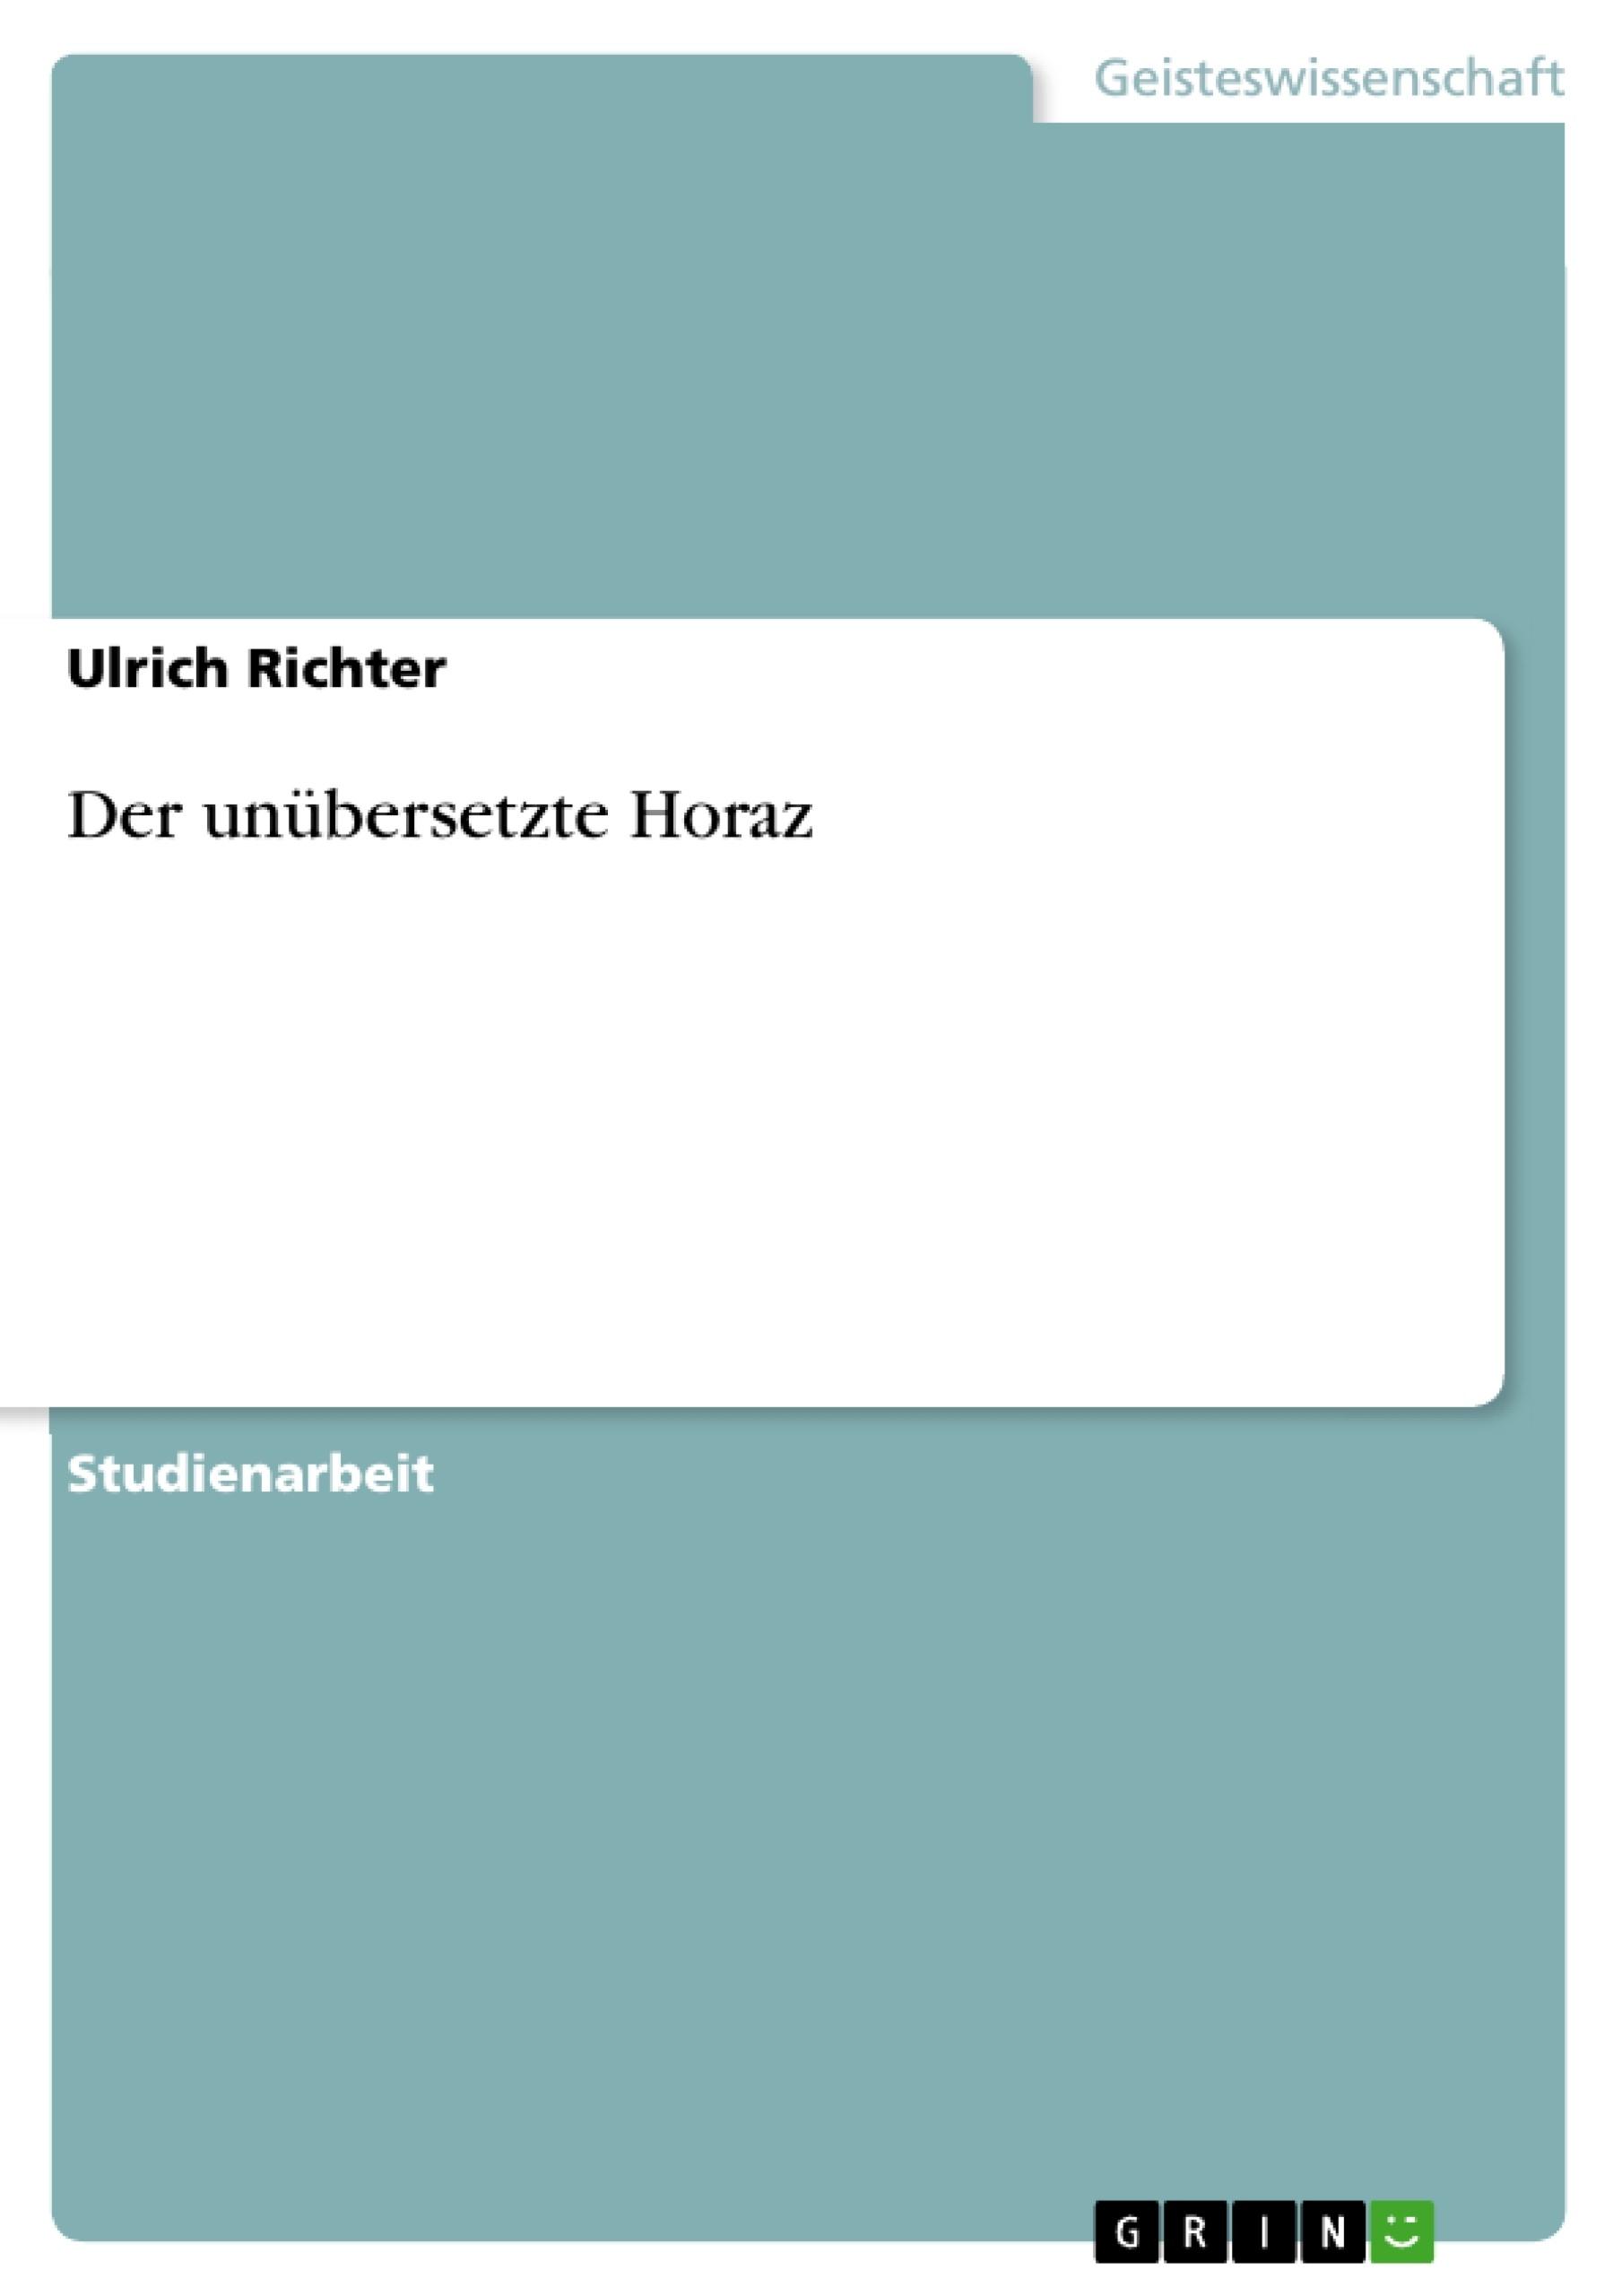 Titel: Der unübersetzte Horaz